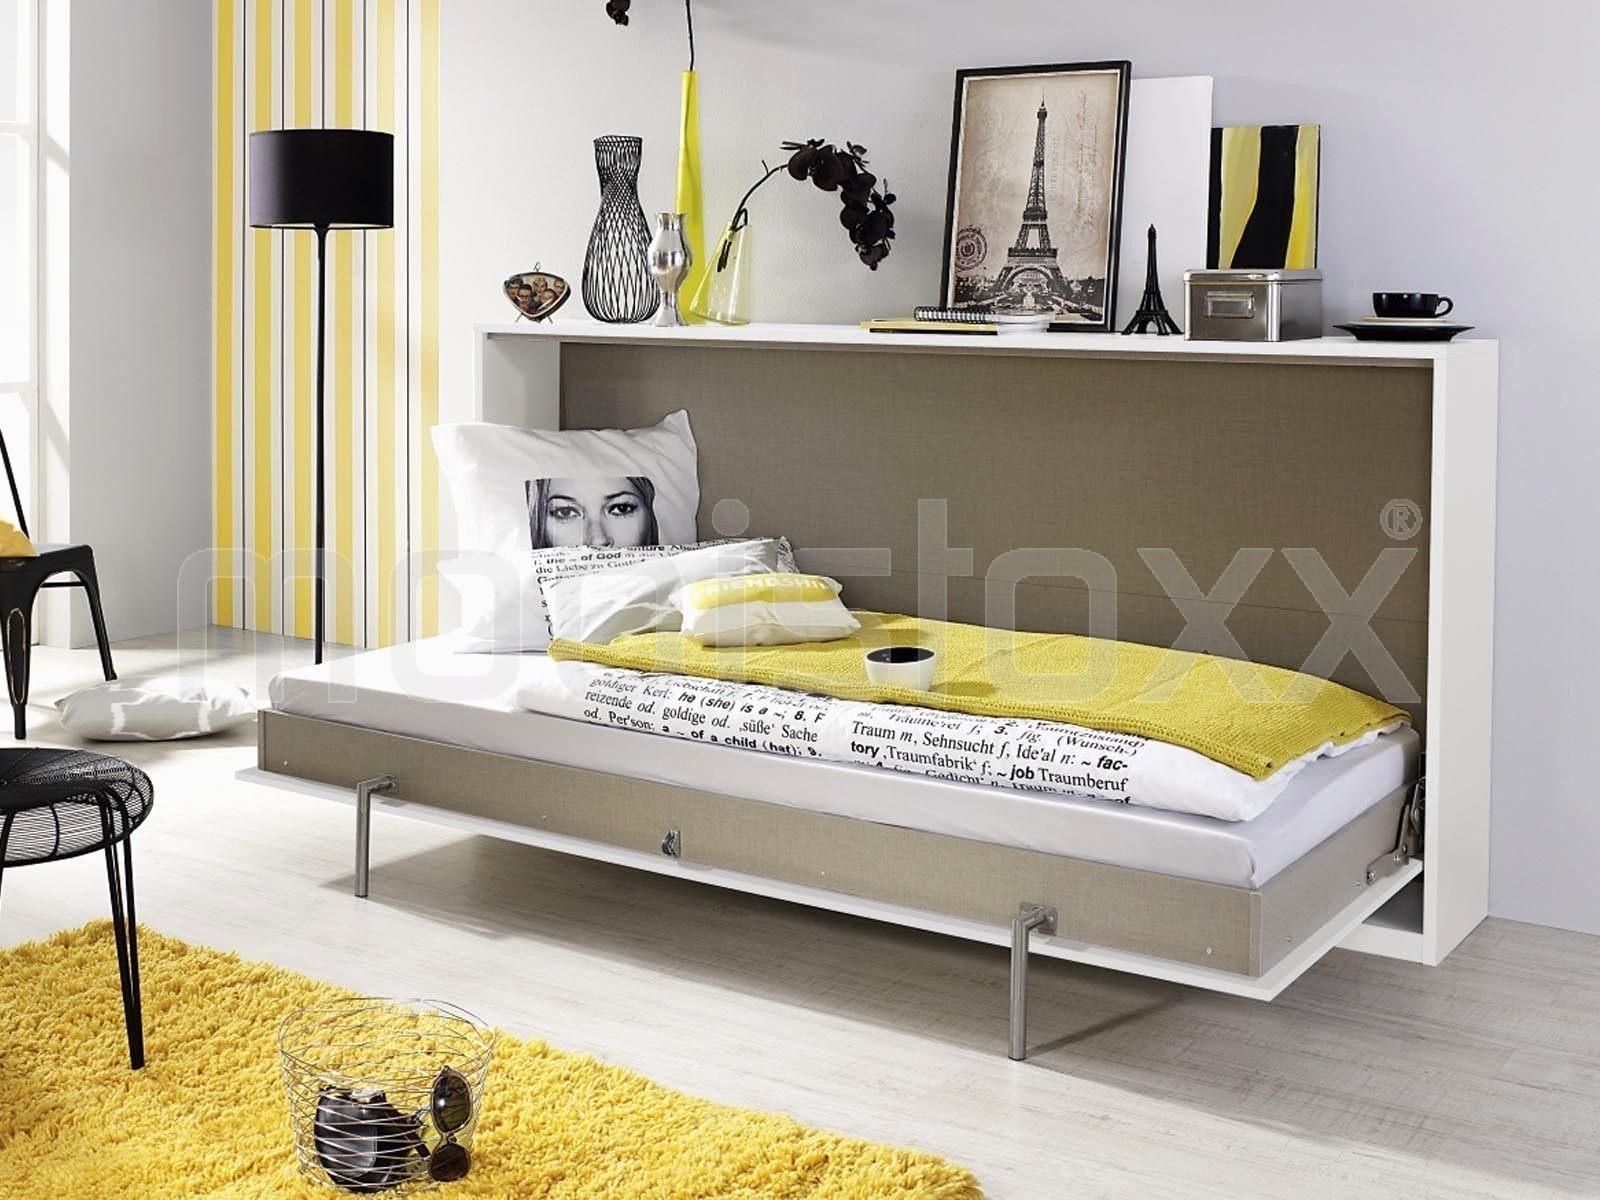 Sommier Tete De Lit 160×200 Impressionnant Lit Maison De La Literie 32 Luxe Graphie De Tete De Lit Maison De La